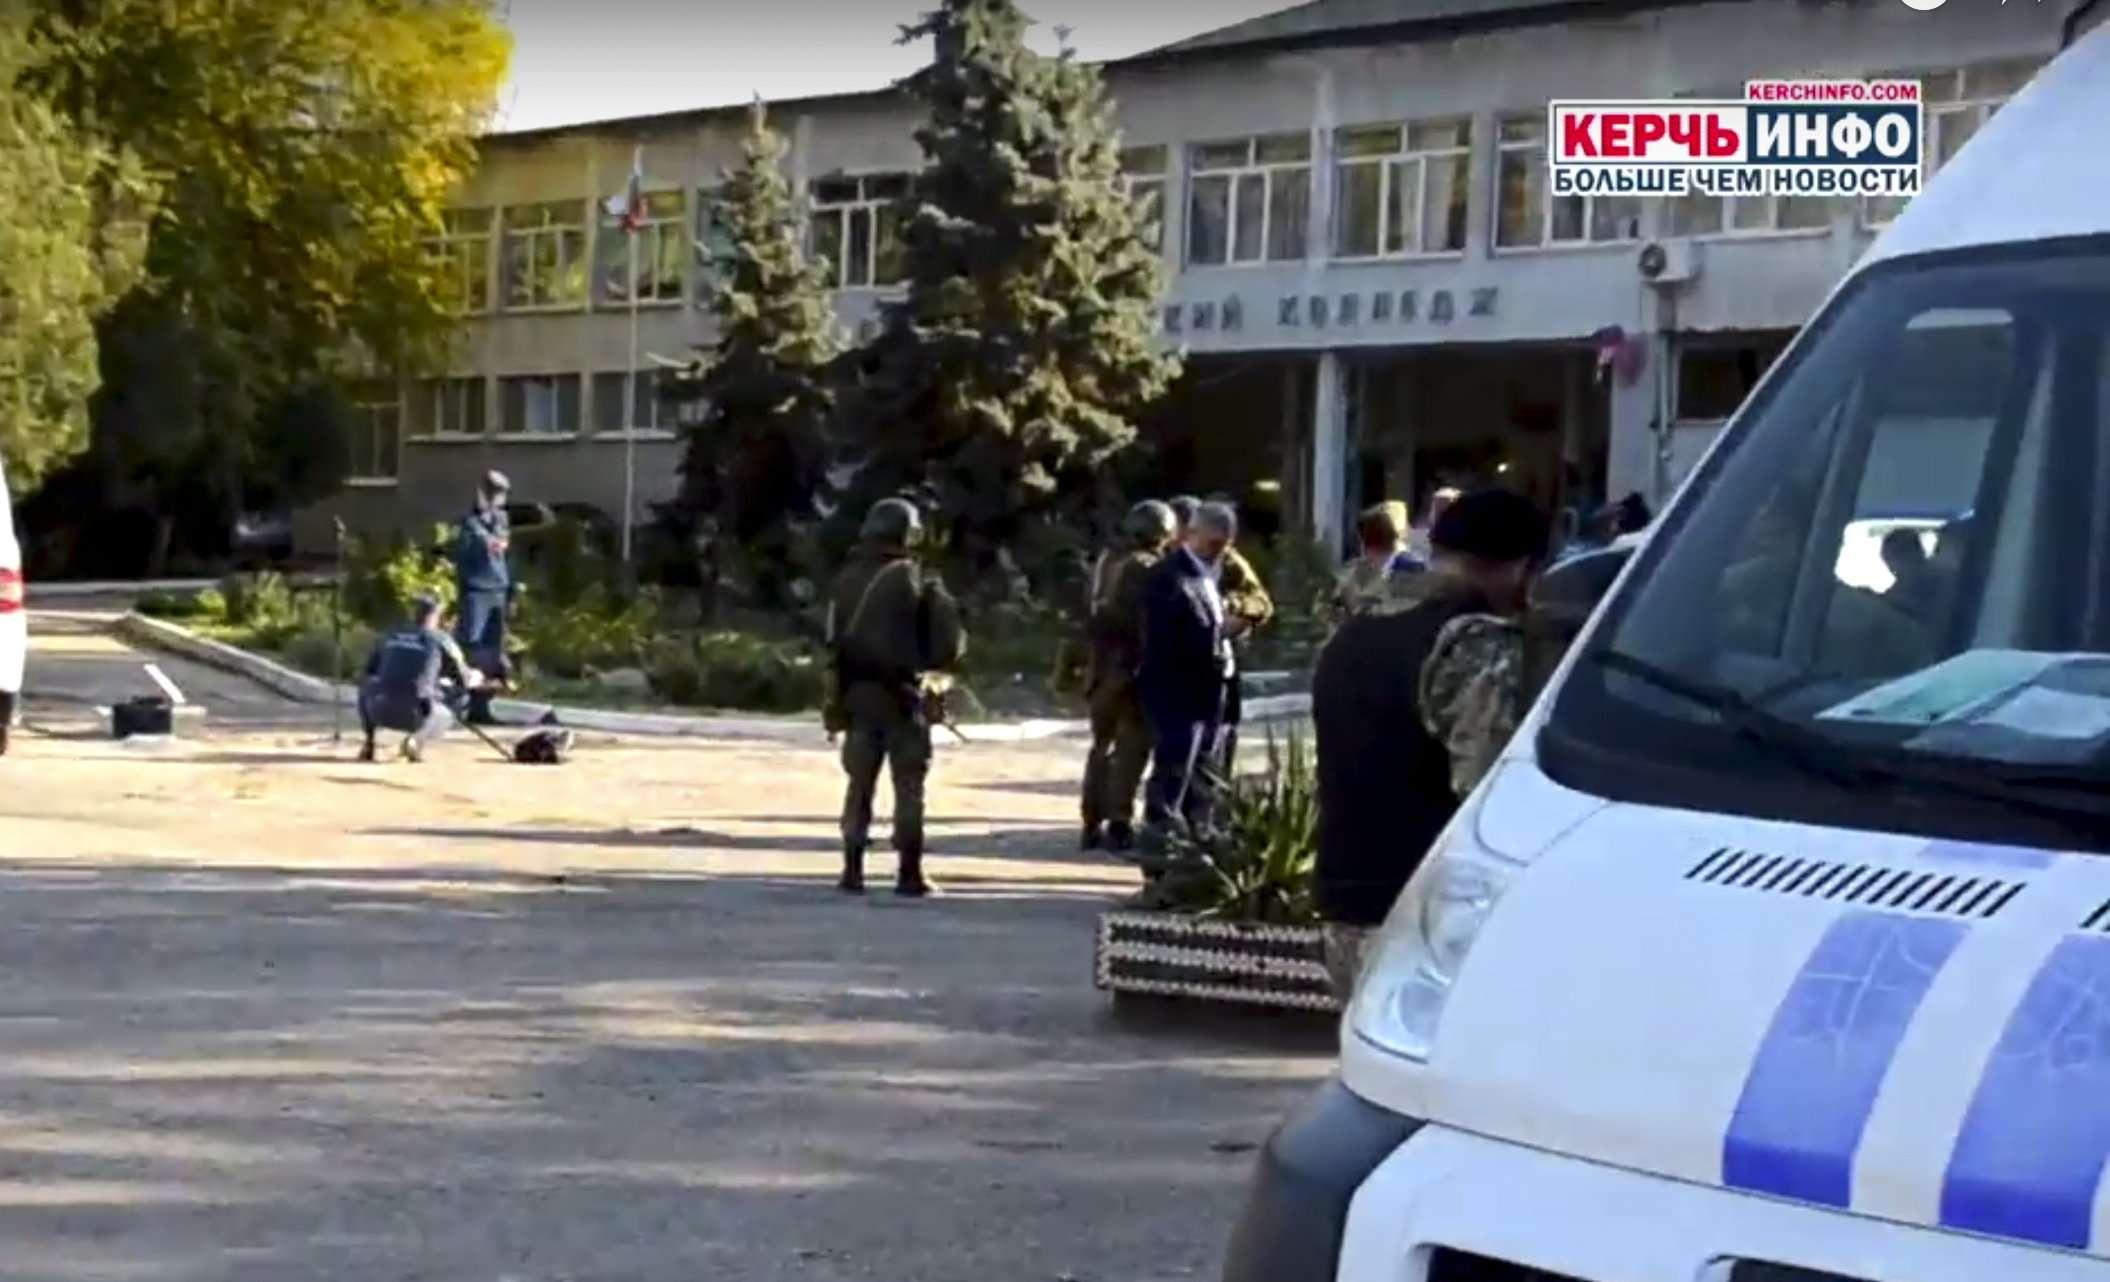 Las autoridades dijeron que el estudiante de cuarto año se suicidó en la biblioteca del Colegio Politécnico de Kerch después del ataque. AP